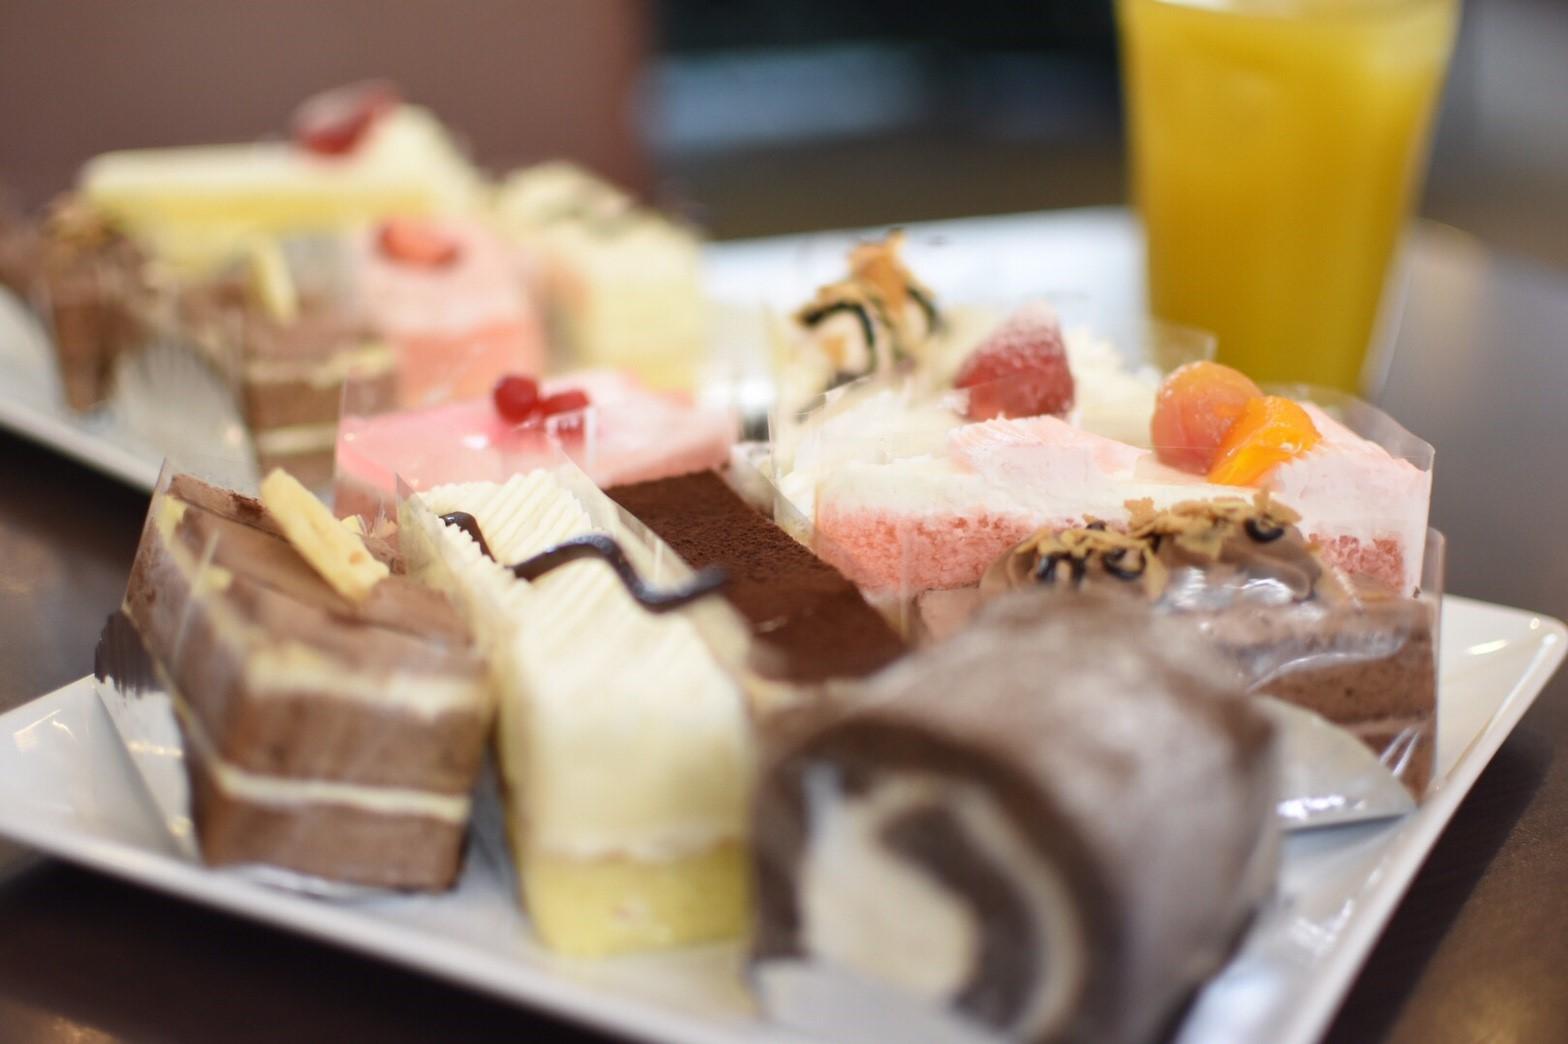 ケーキ食べ放題!甘いものが好きな方必見!「STRAWBERRY FIELDS」